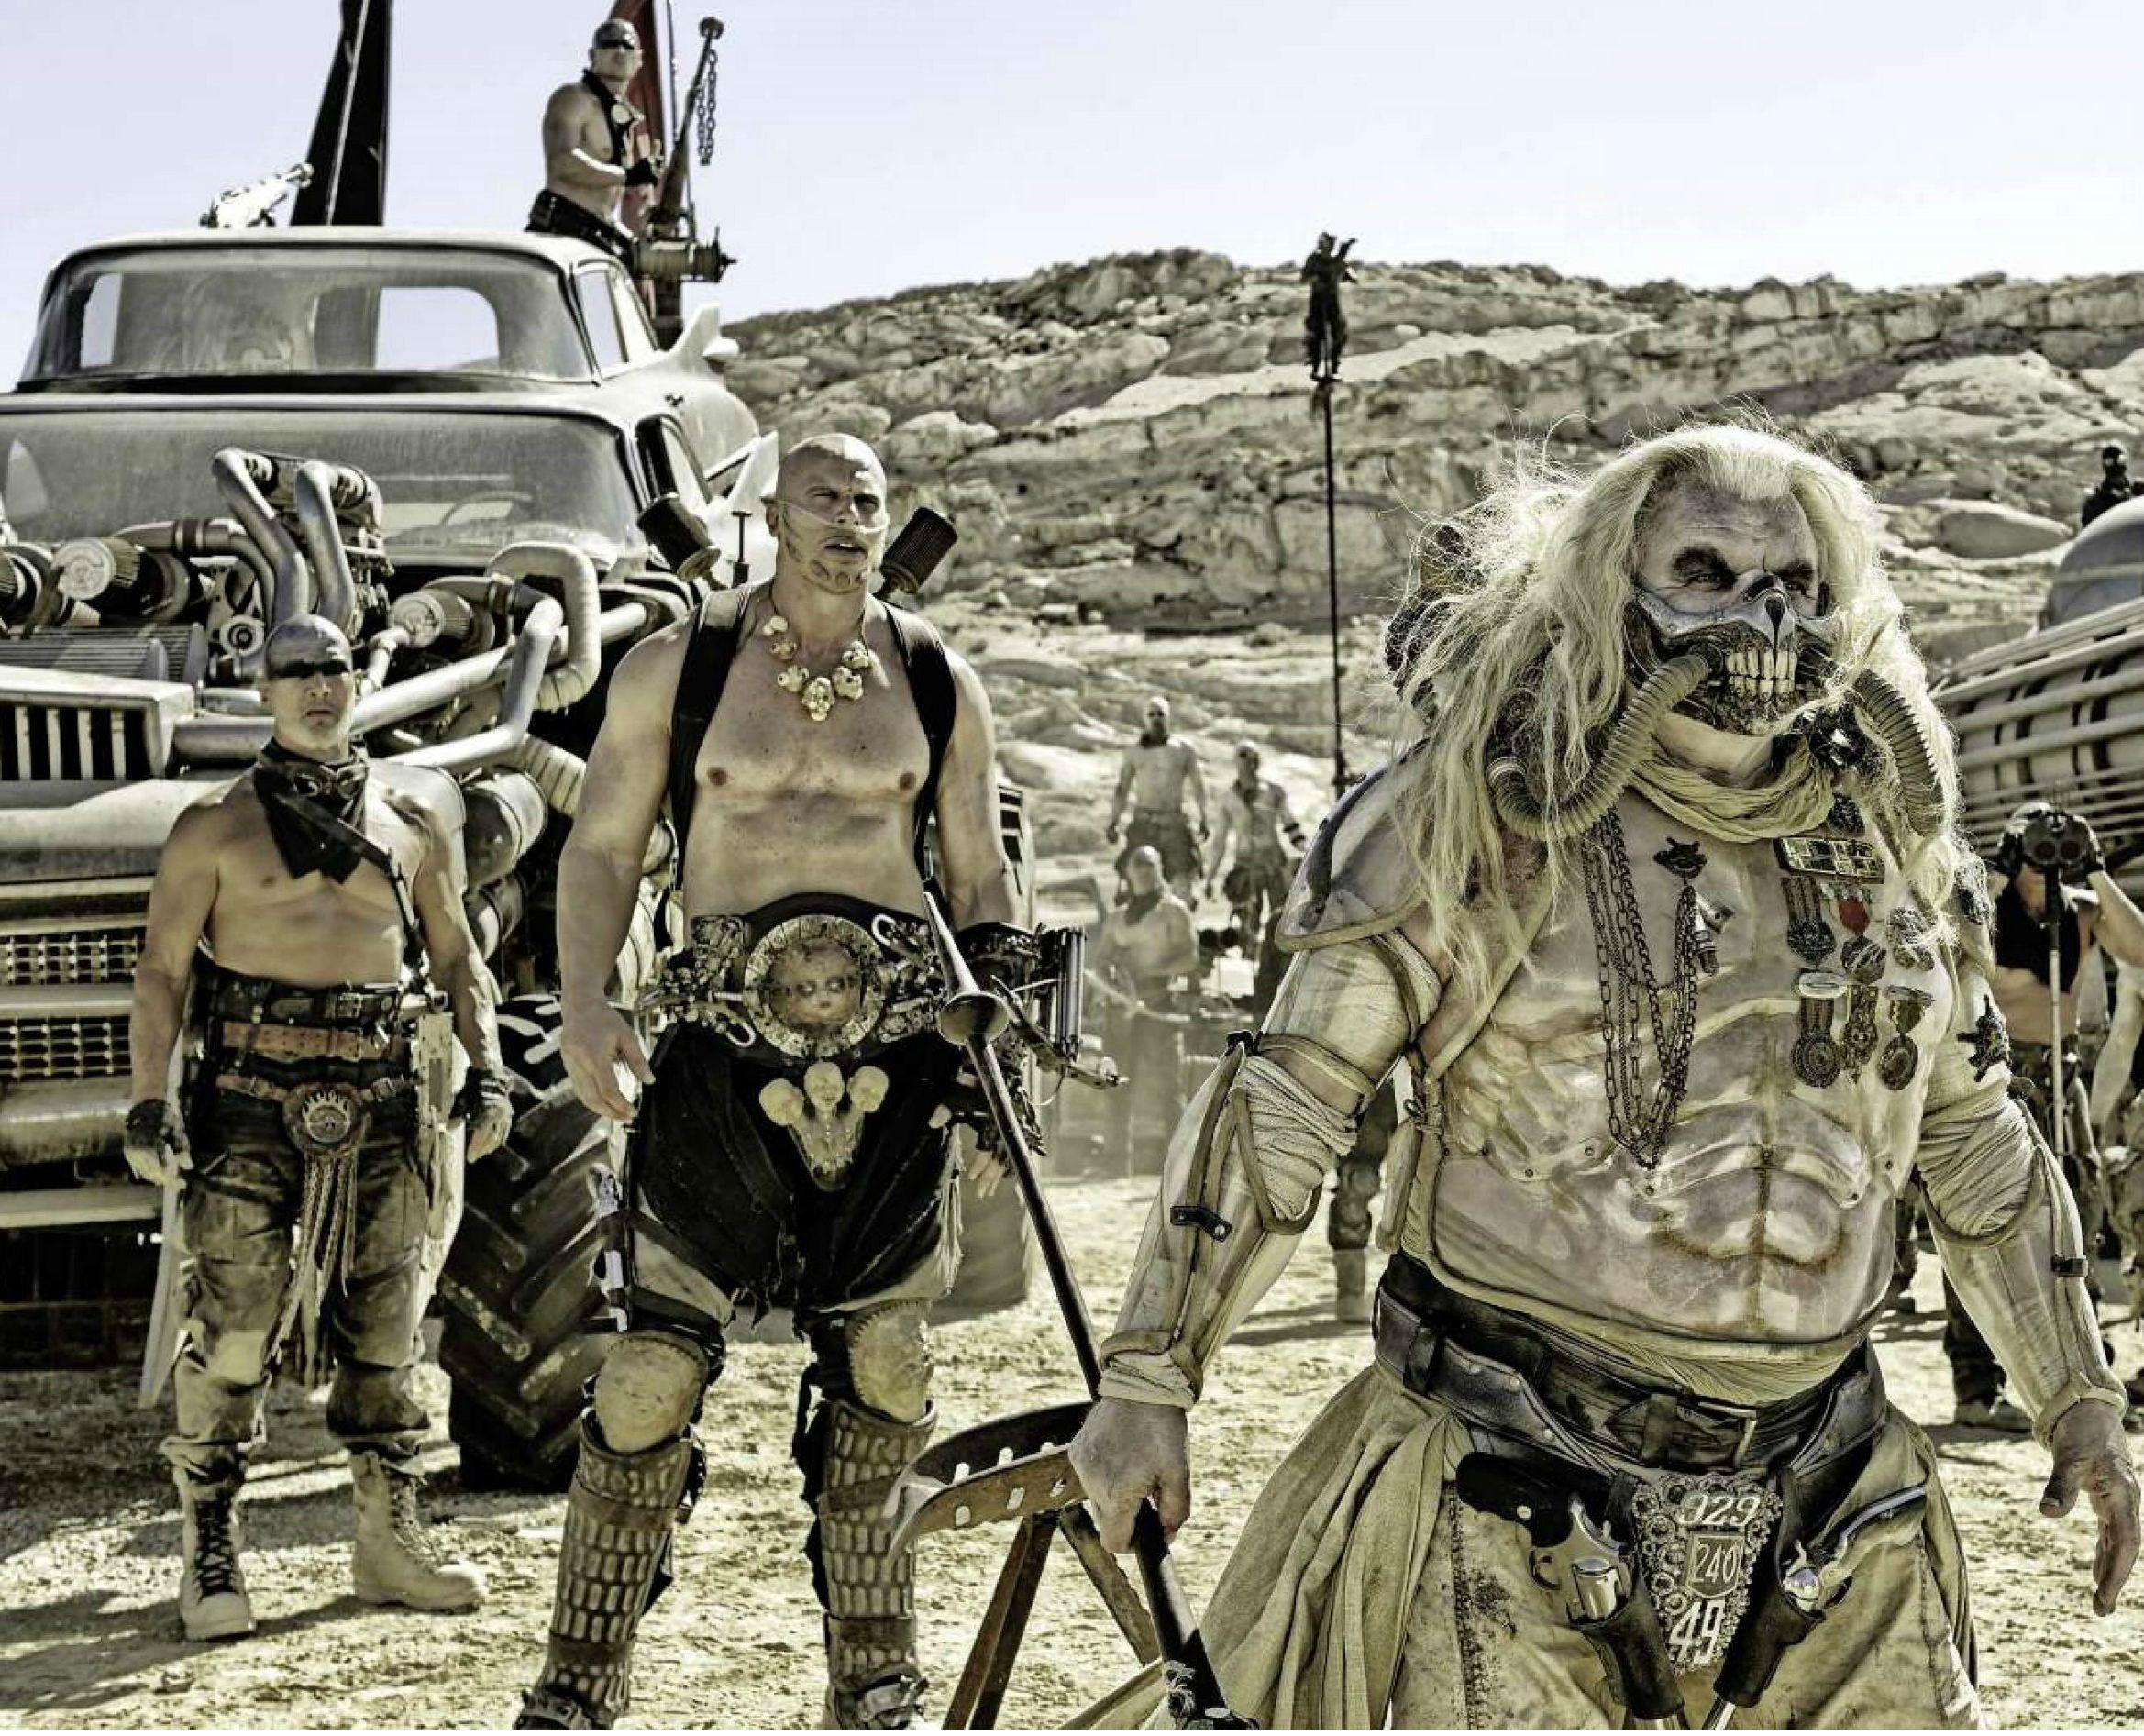 Безумный Макс Дорога ярости (Mad Max Fury Road) новые кадры 2